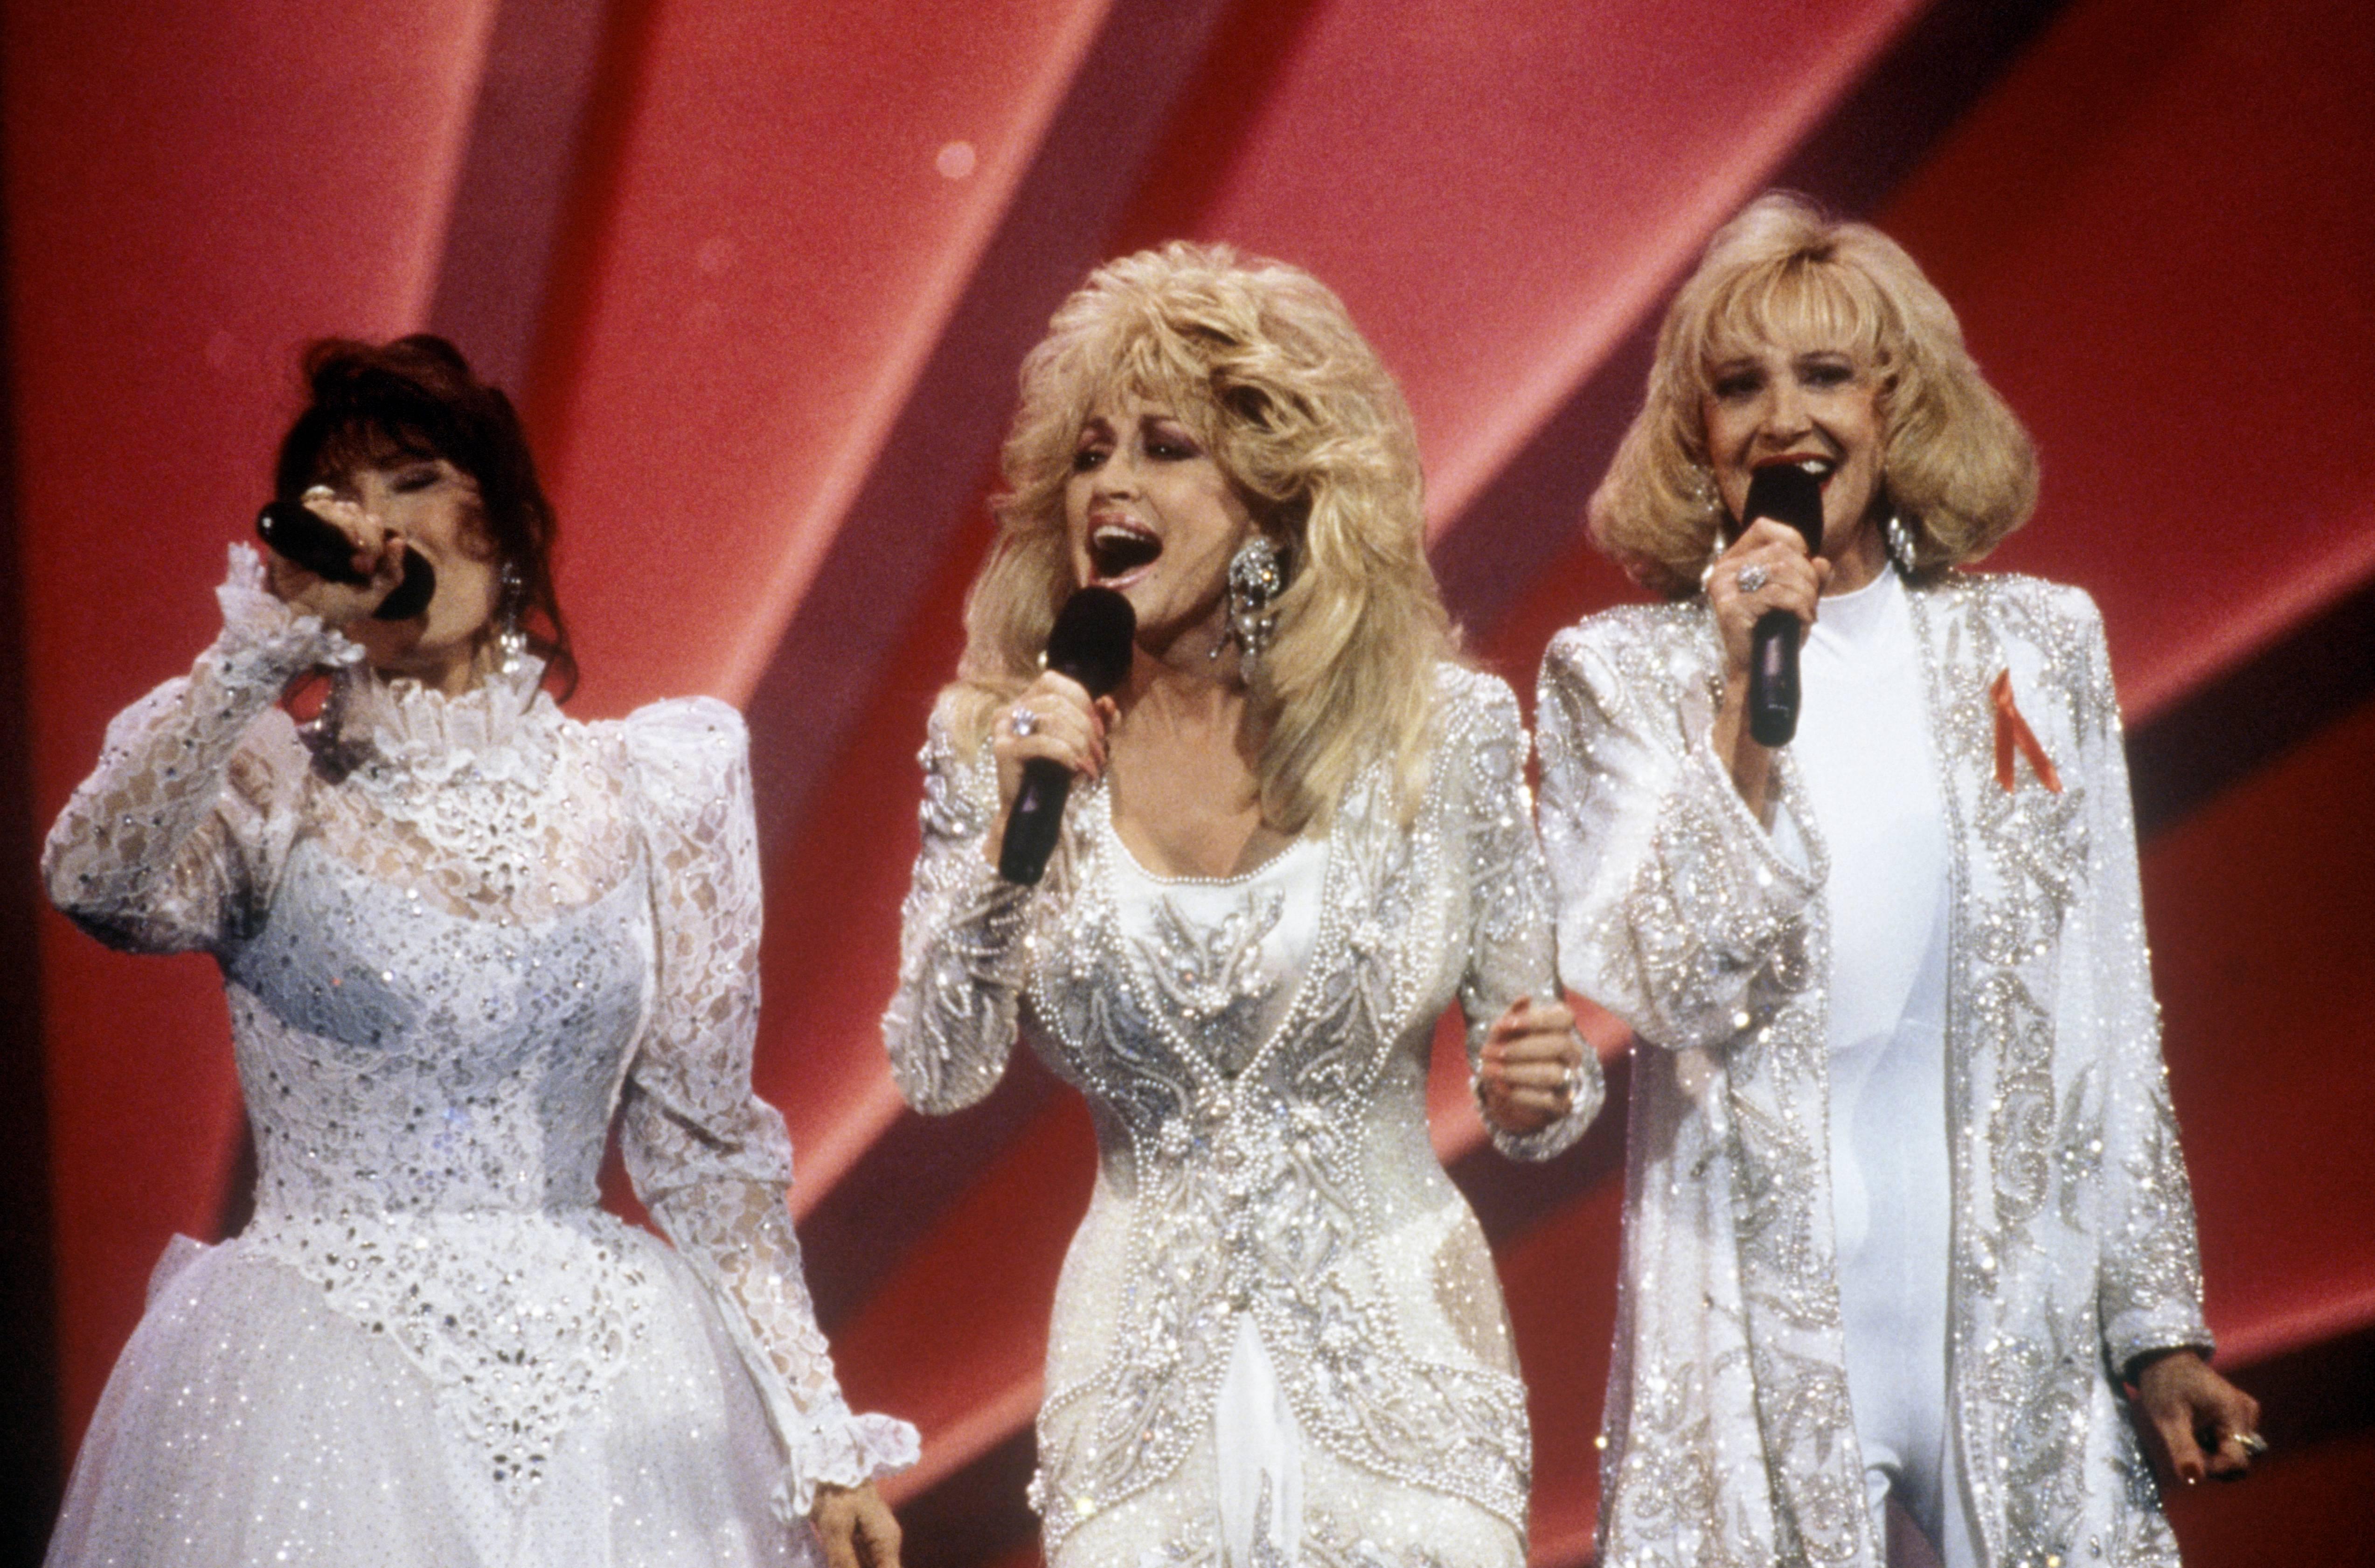 Loretta Lynn, Dolly Parton, and Tammy Wynette. (Photo by Beth Gwinn/Redferns)